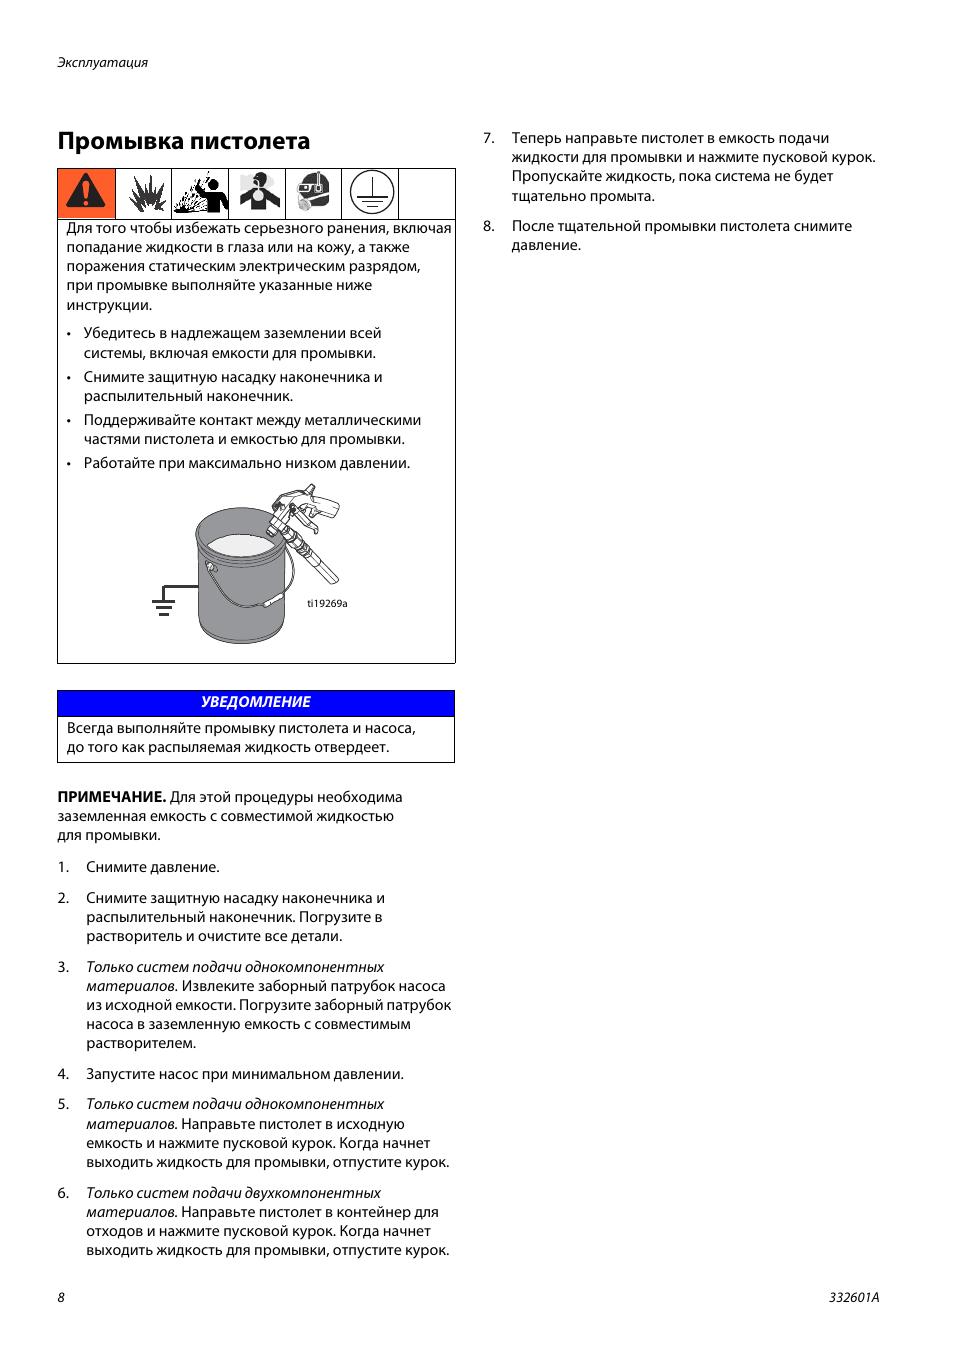 Инструкция по охране труда по промывке теплообменников